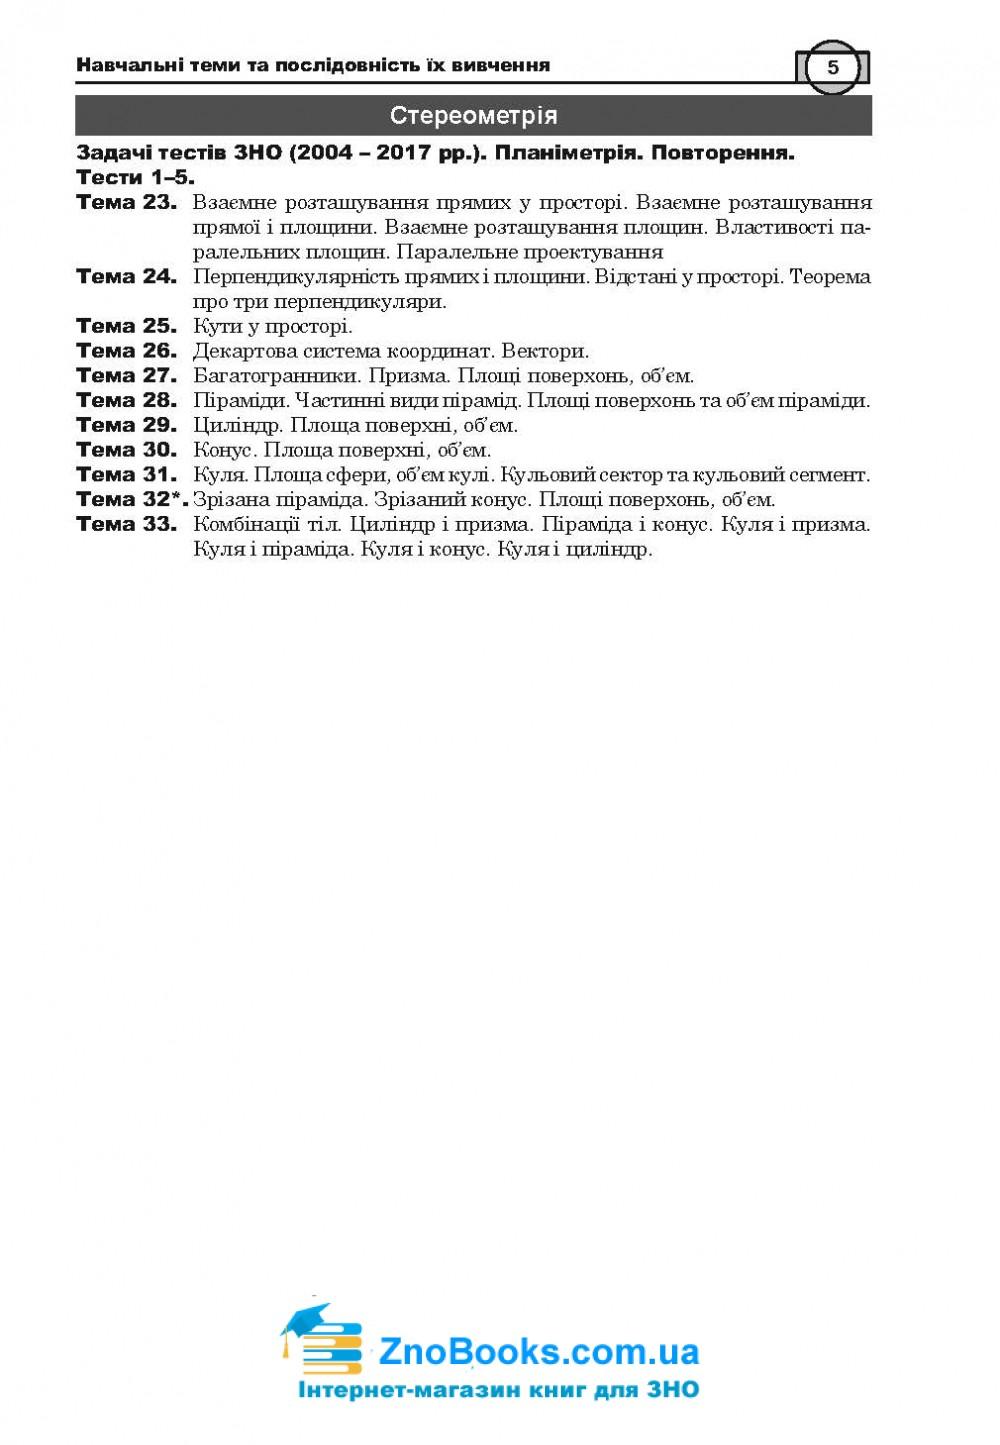 Математика ЗНО 2020 комплексне видання. Частина ІV - стереометрія : Клочко І. Я. Навчальна книга - Богдан. купити 5